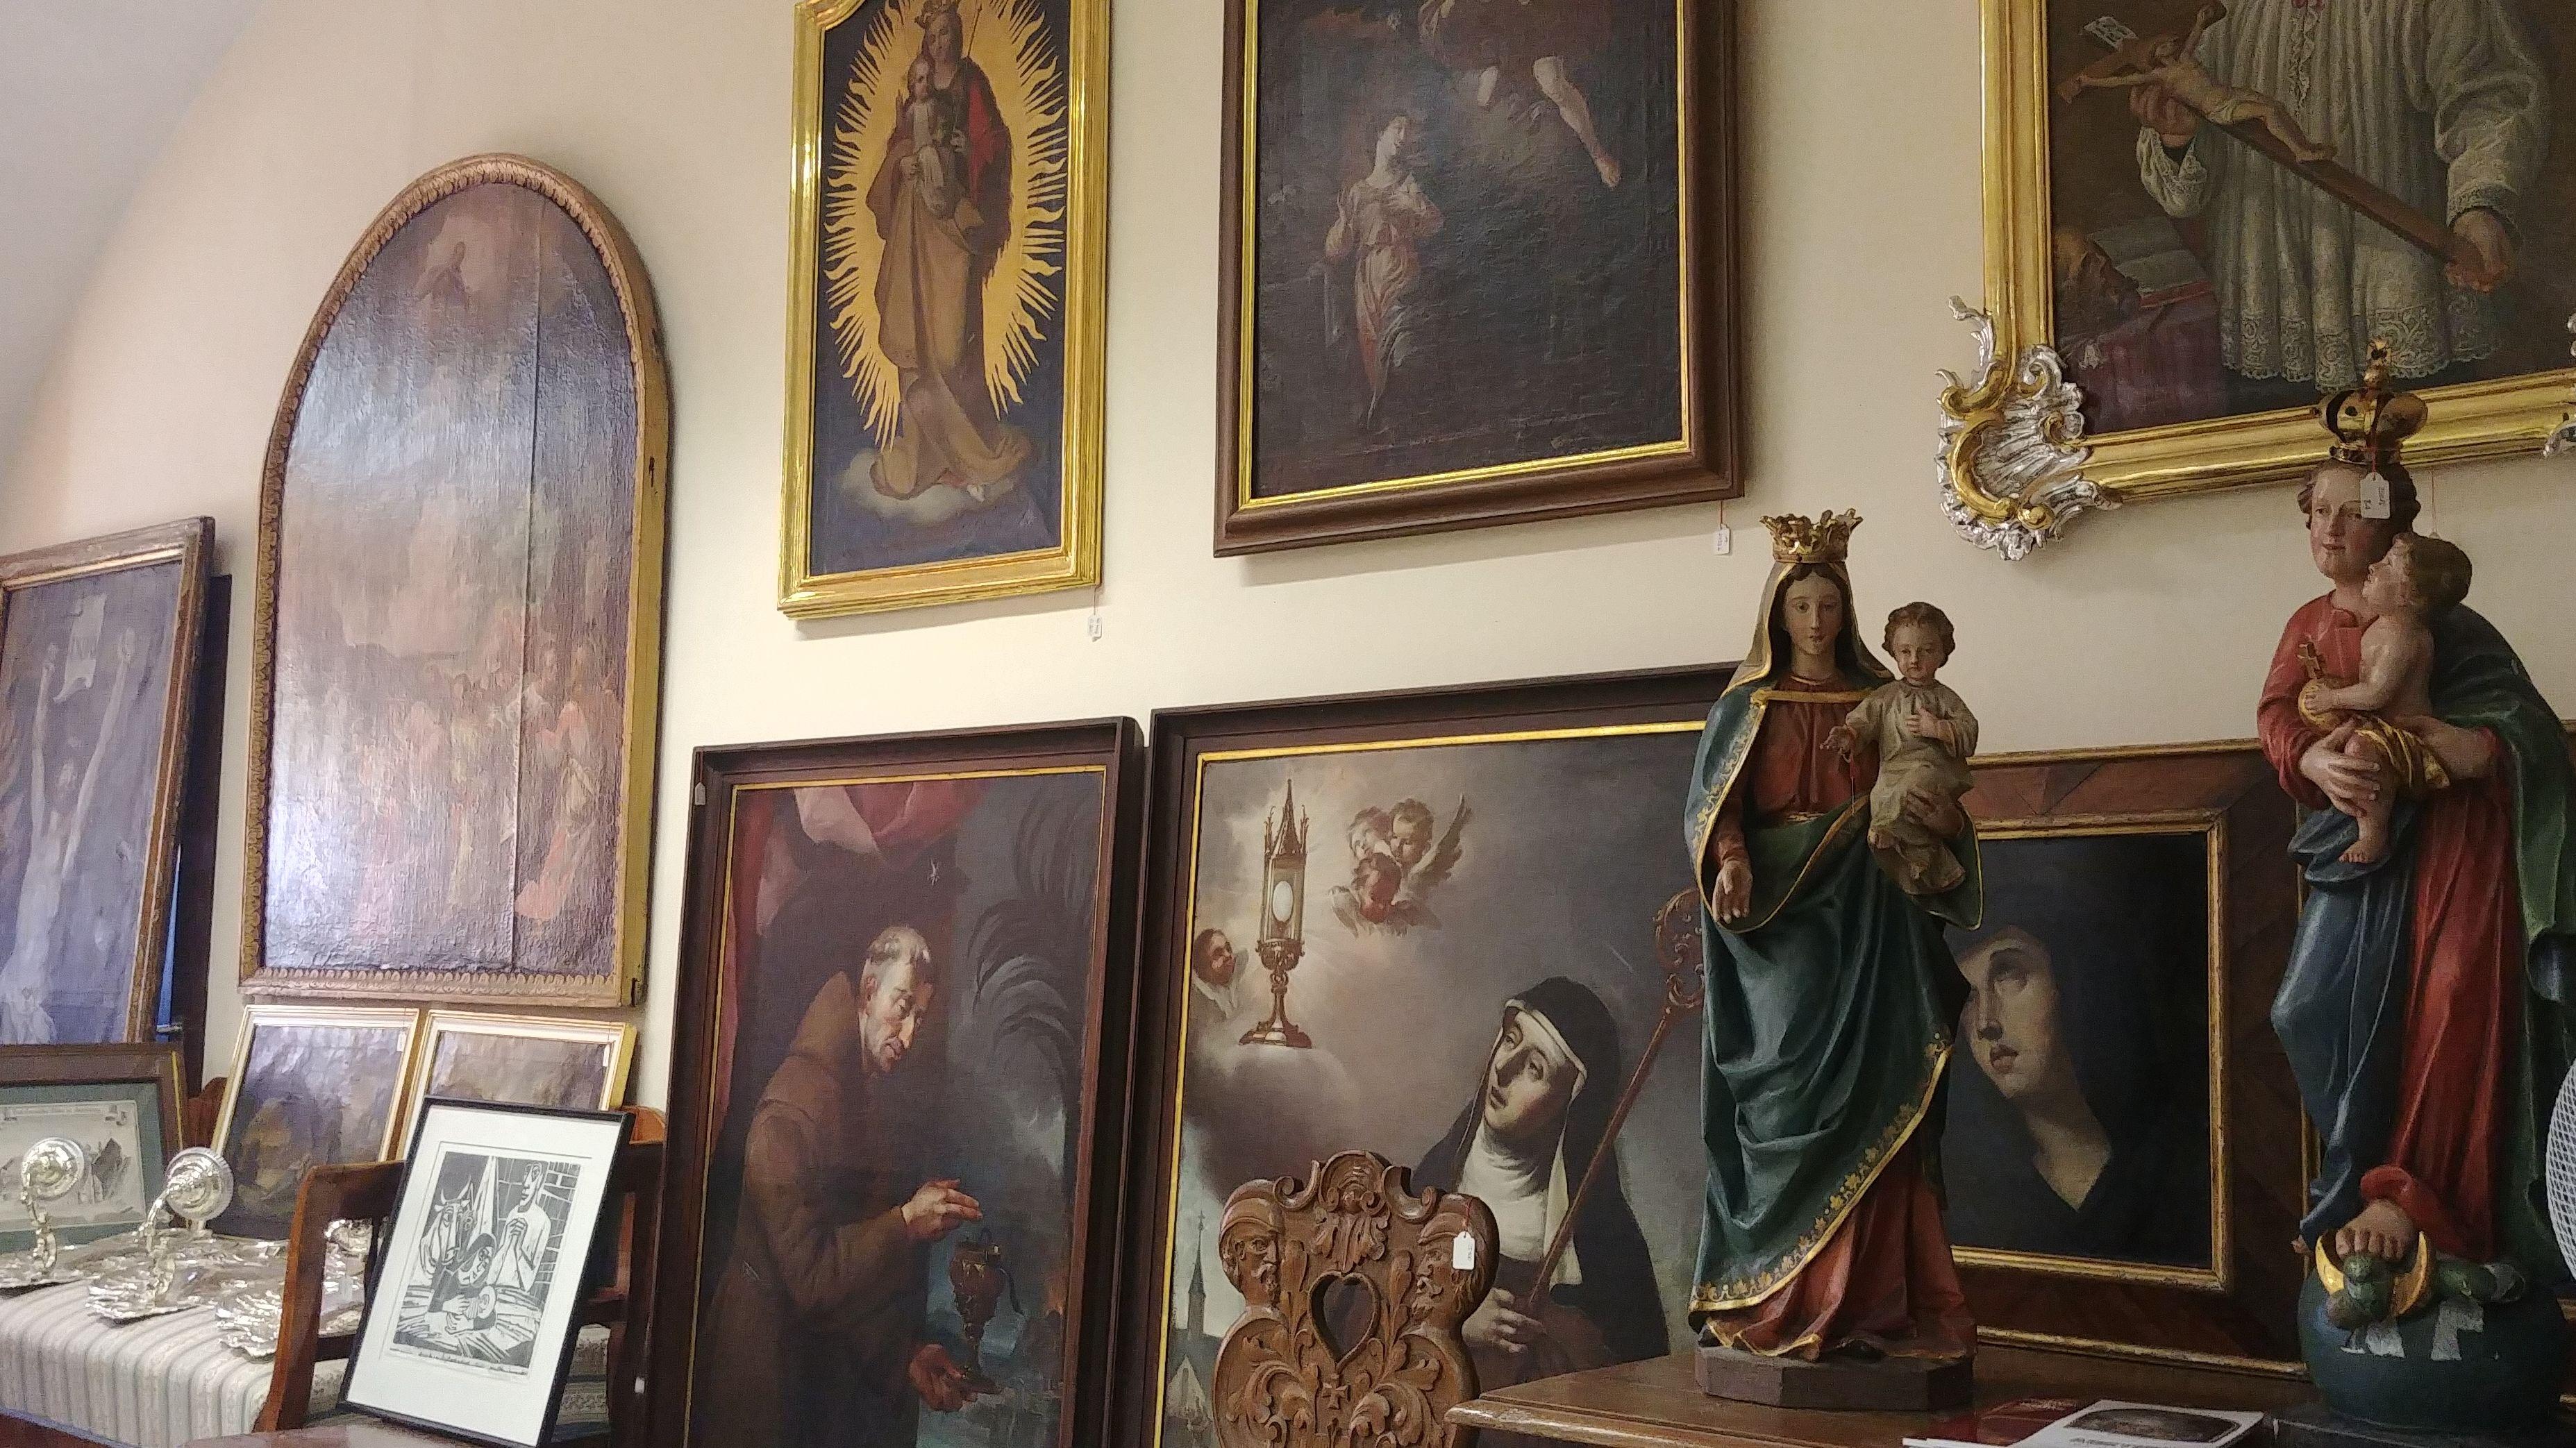 Sakrale Skulpturen und Gemälde im Bamberger Karmelitenkloster